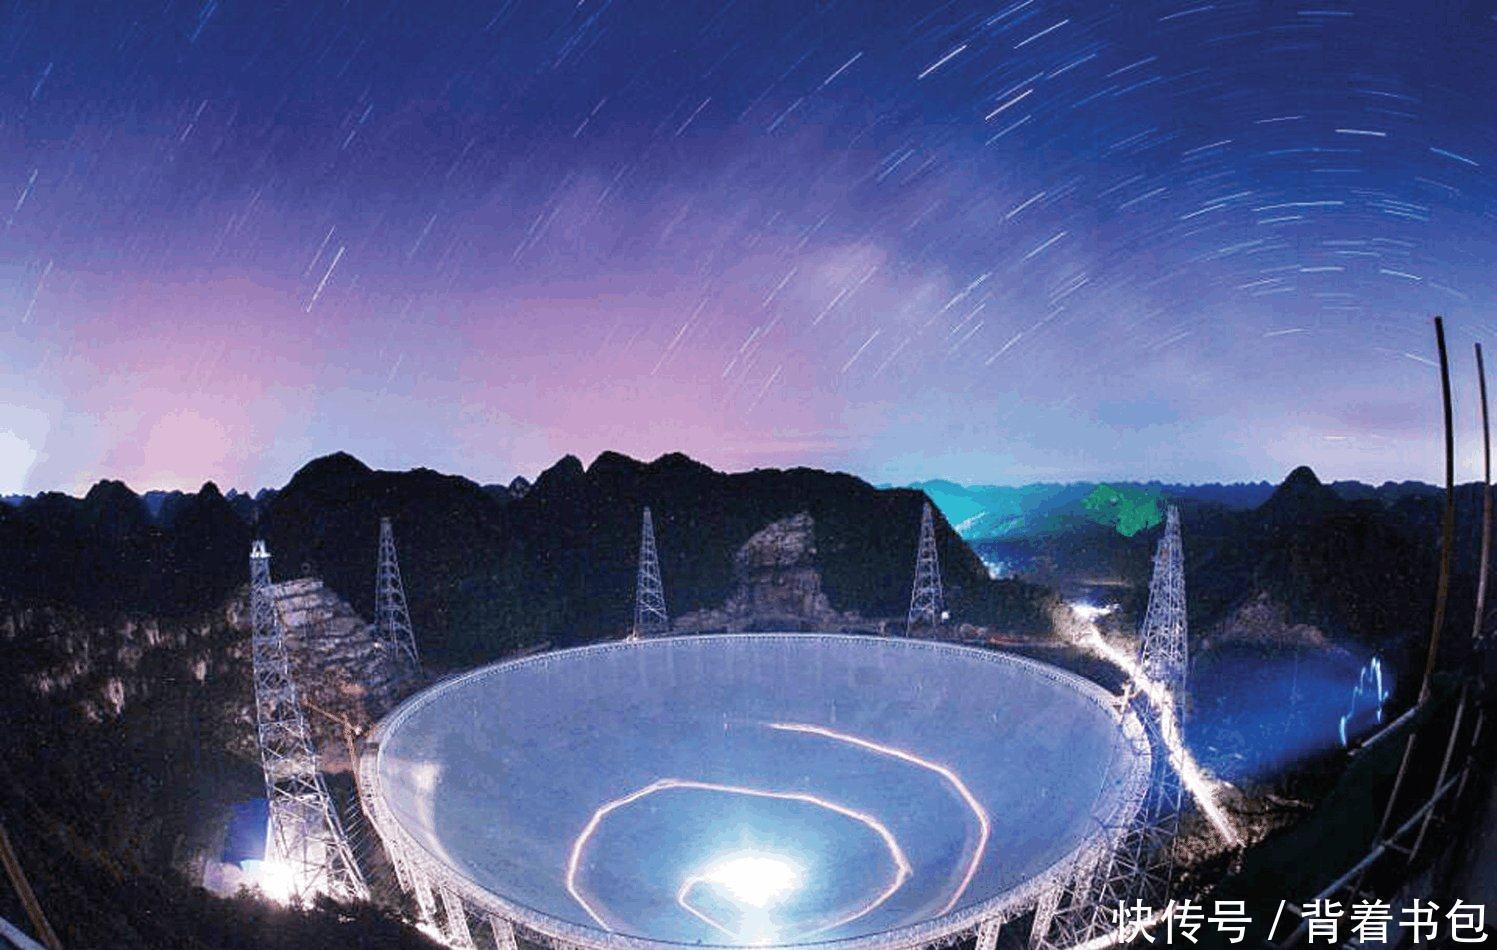 中国天眼接收到了外星信号霍金警告中国不要做